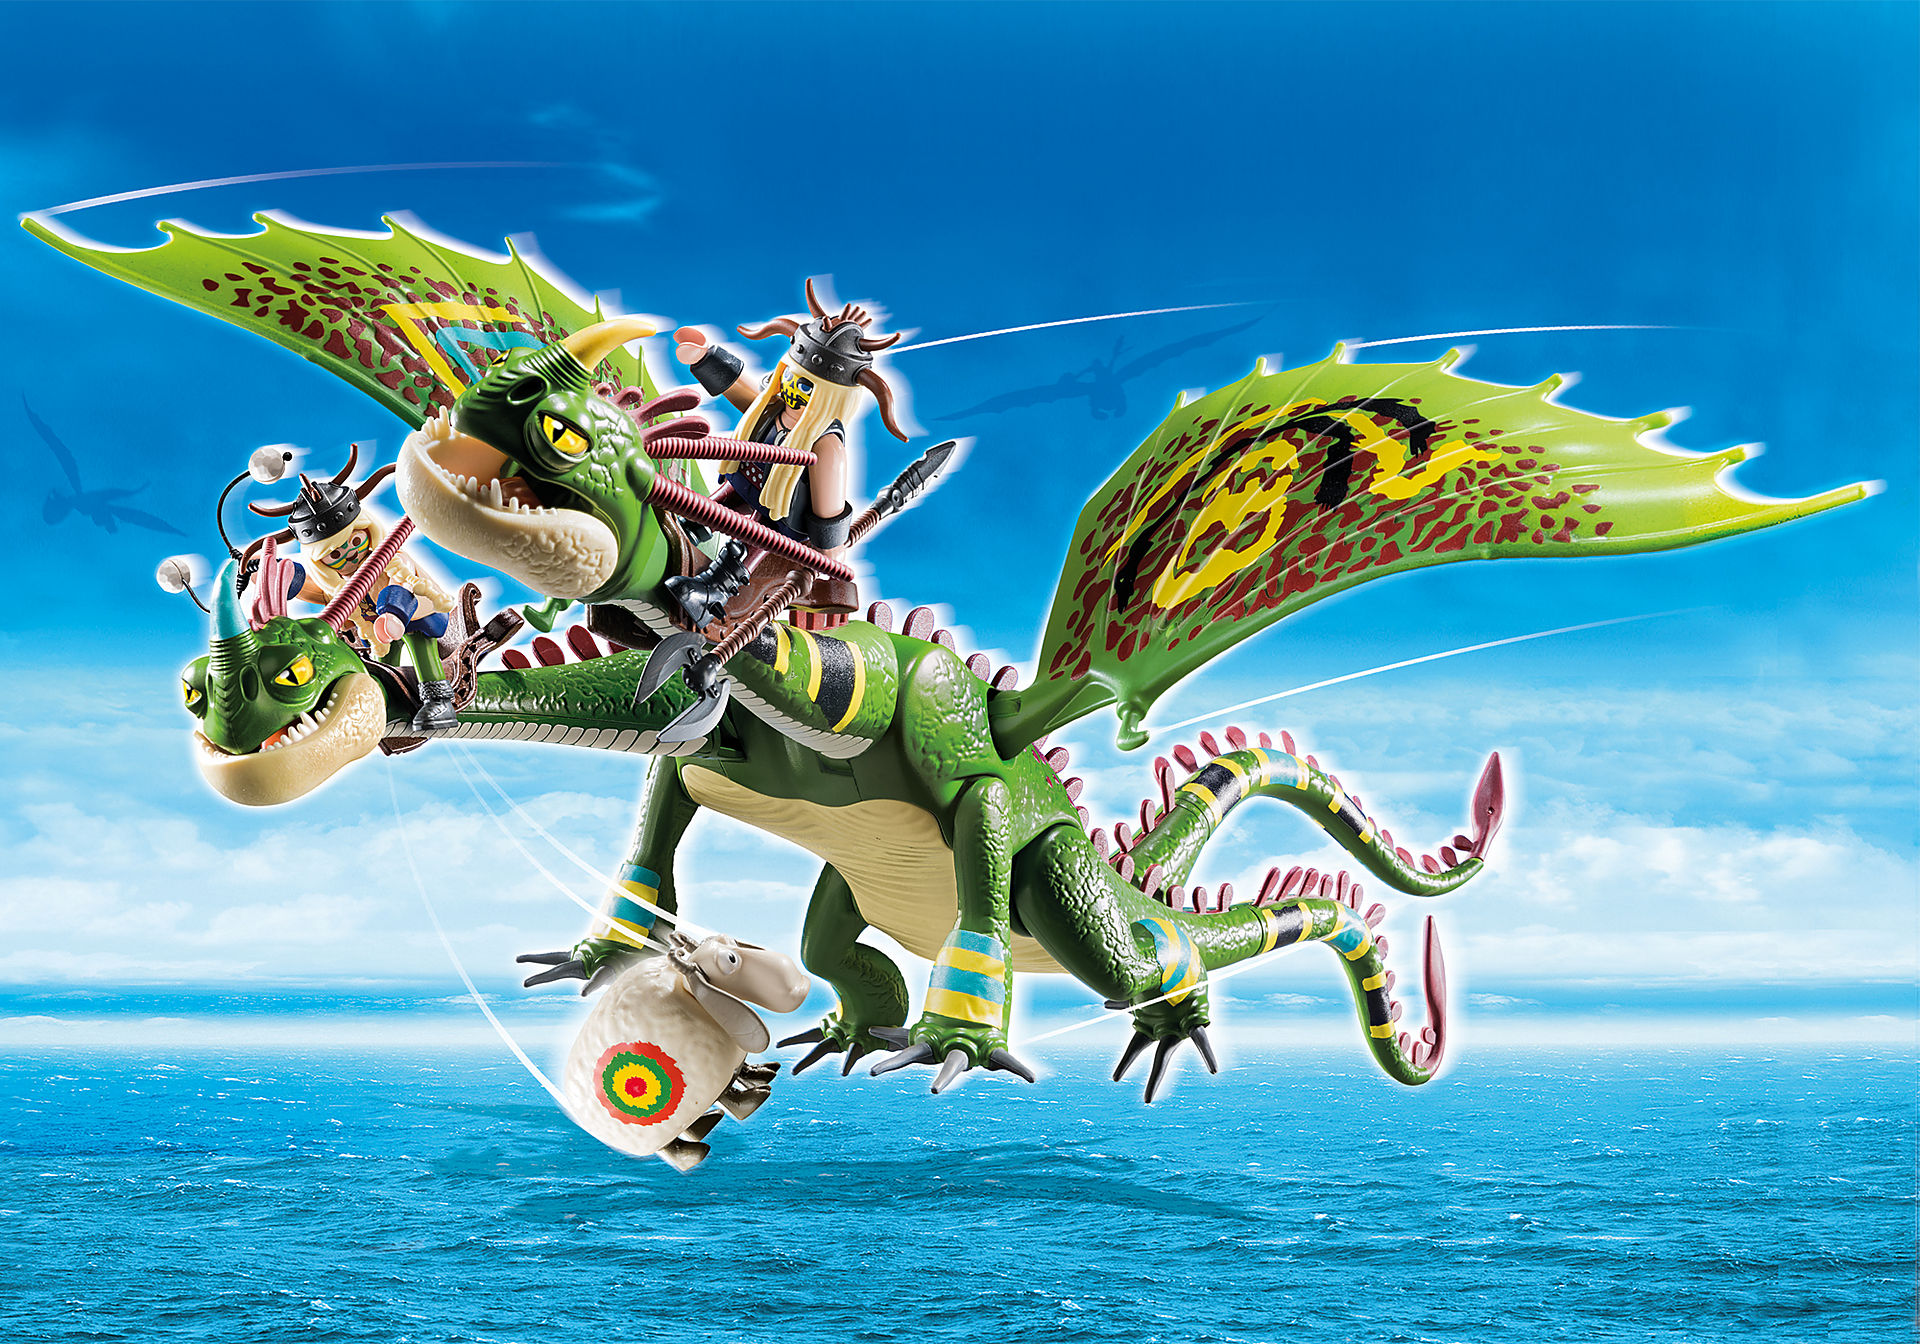 70730 Dragon Racing: Dragón 2 Cabezas con Chusco y Brusca zoom image1